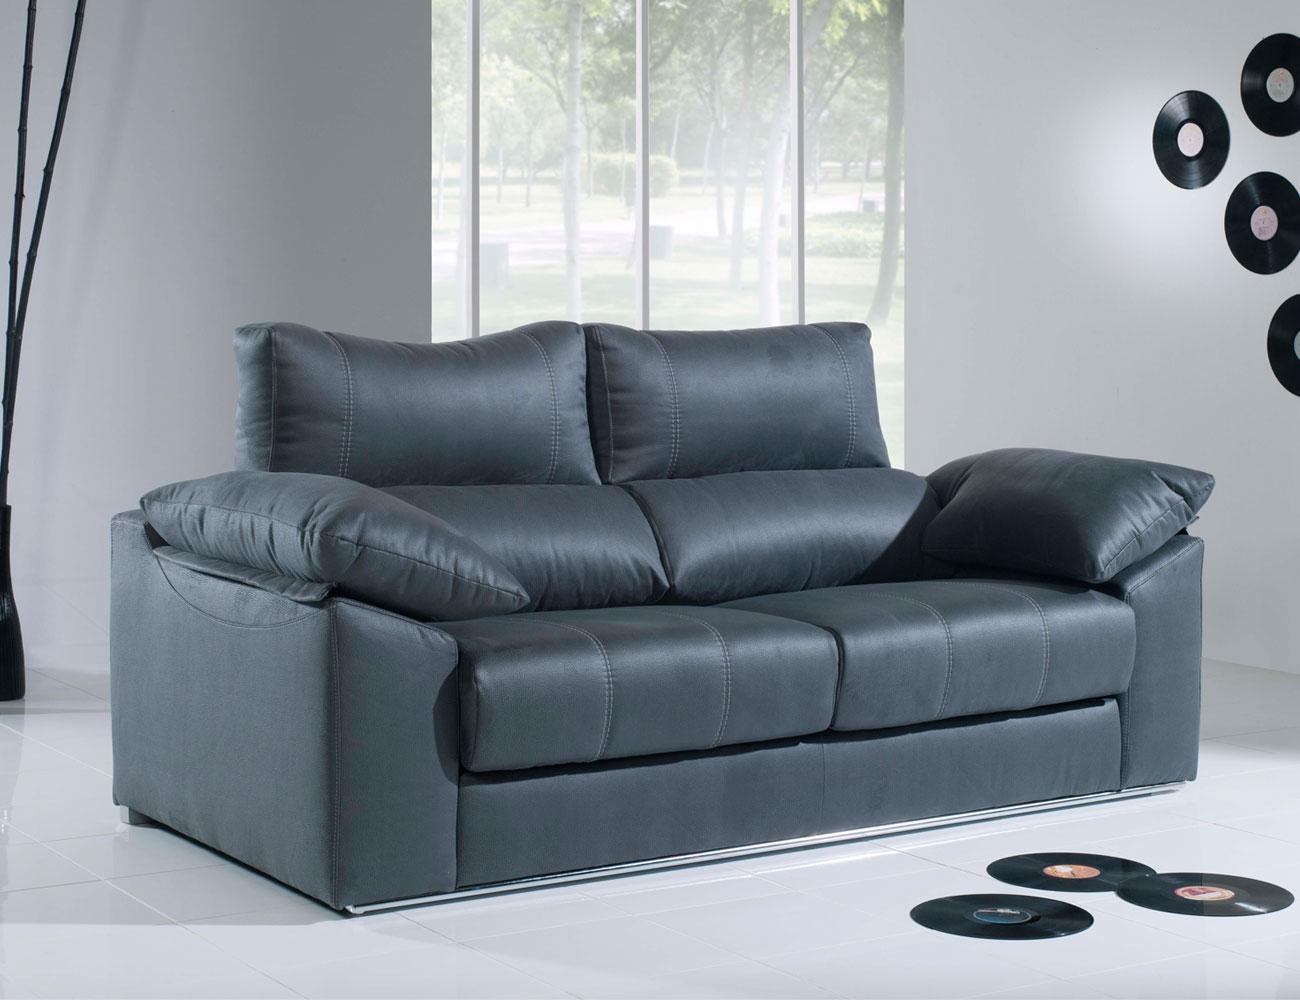 Sofa 3 plazas moderno con barra44